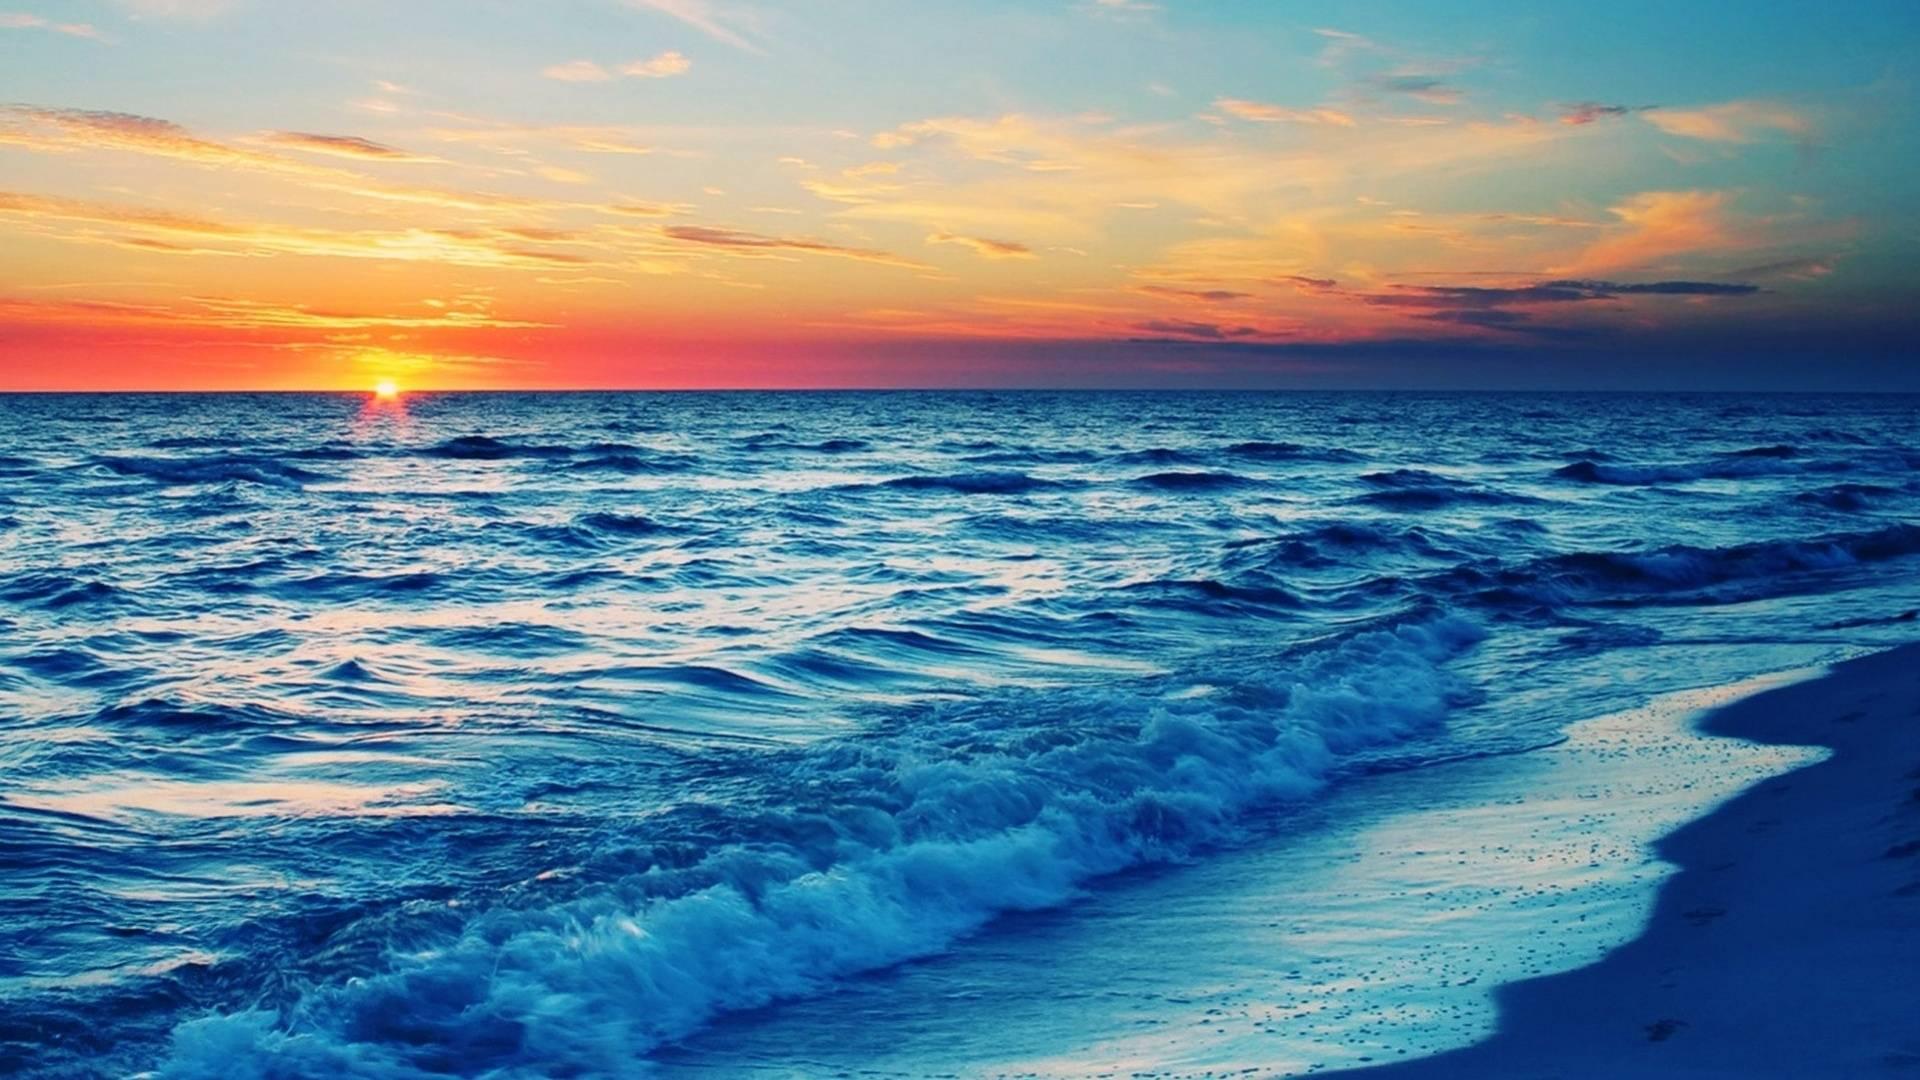 【惠州】所有日期通用无加收,99元抢融创海湾半岛一线正海景房,这里不限行,享私家沙滩+免费WiFi~